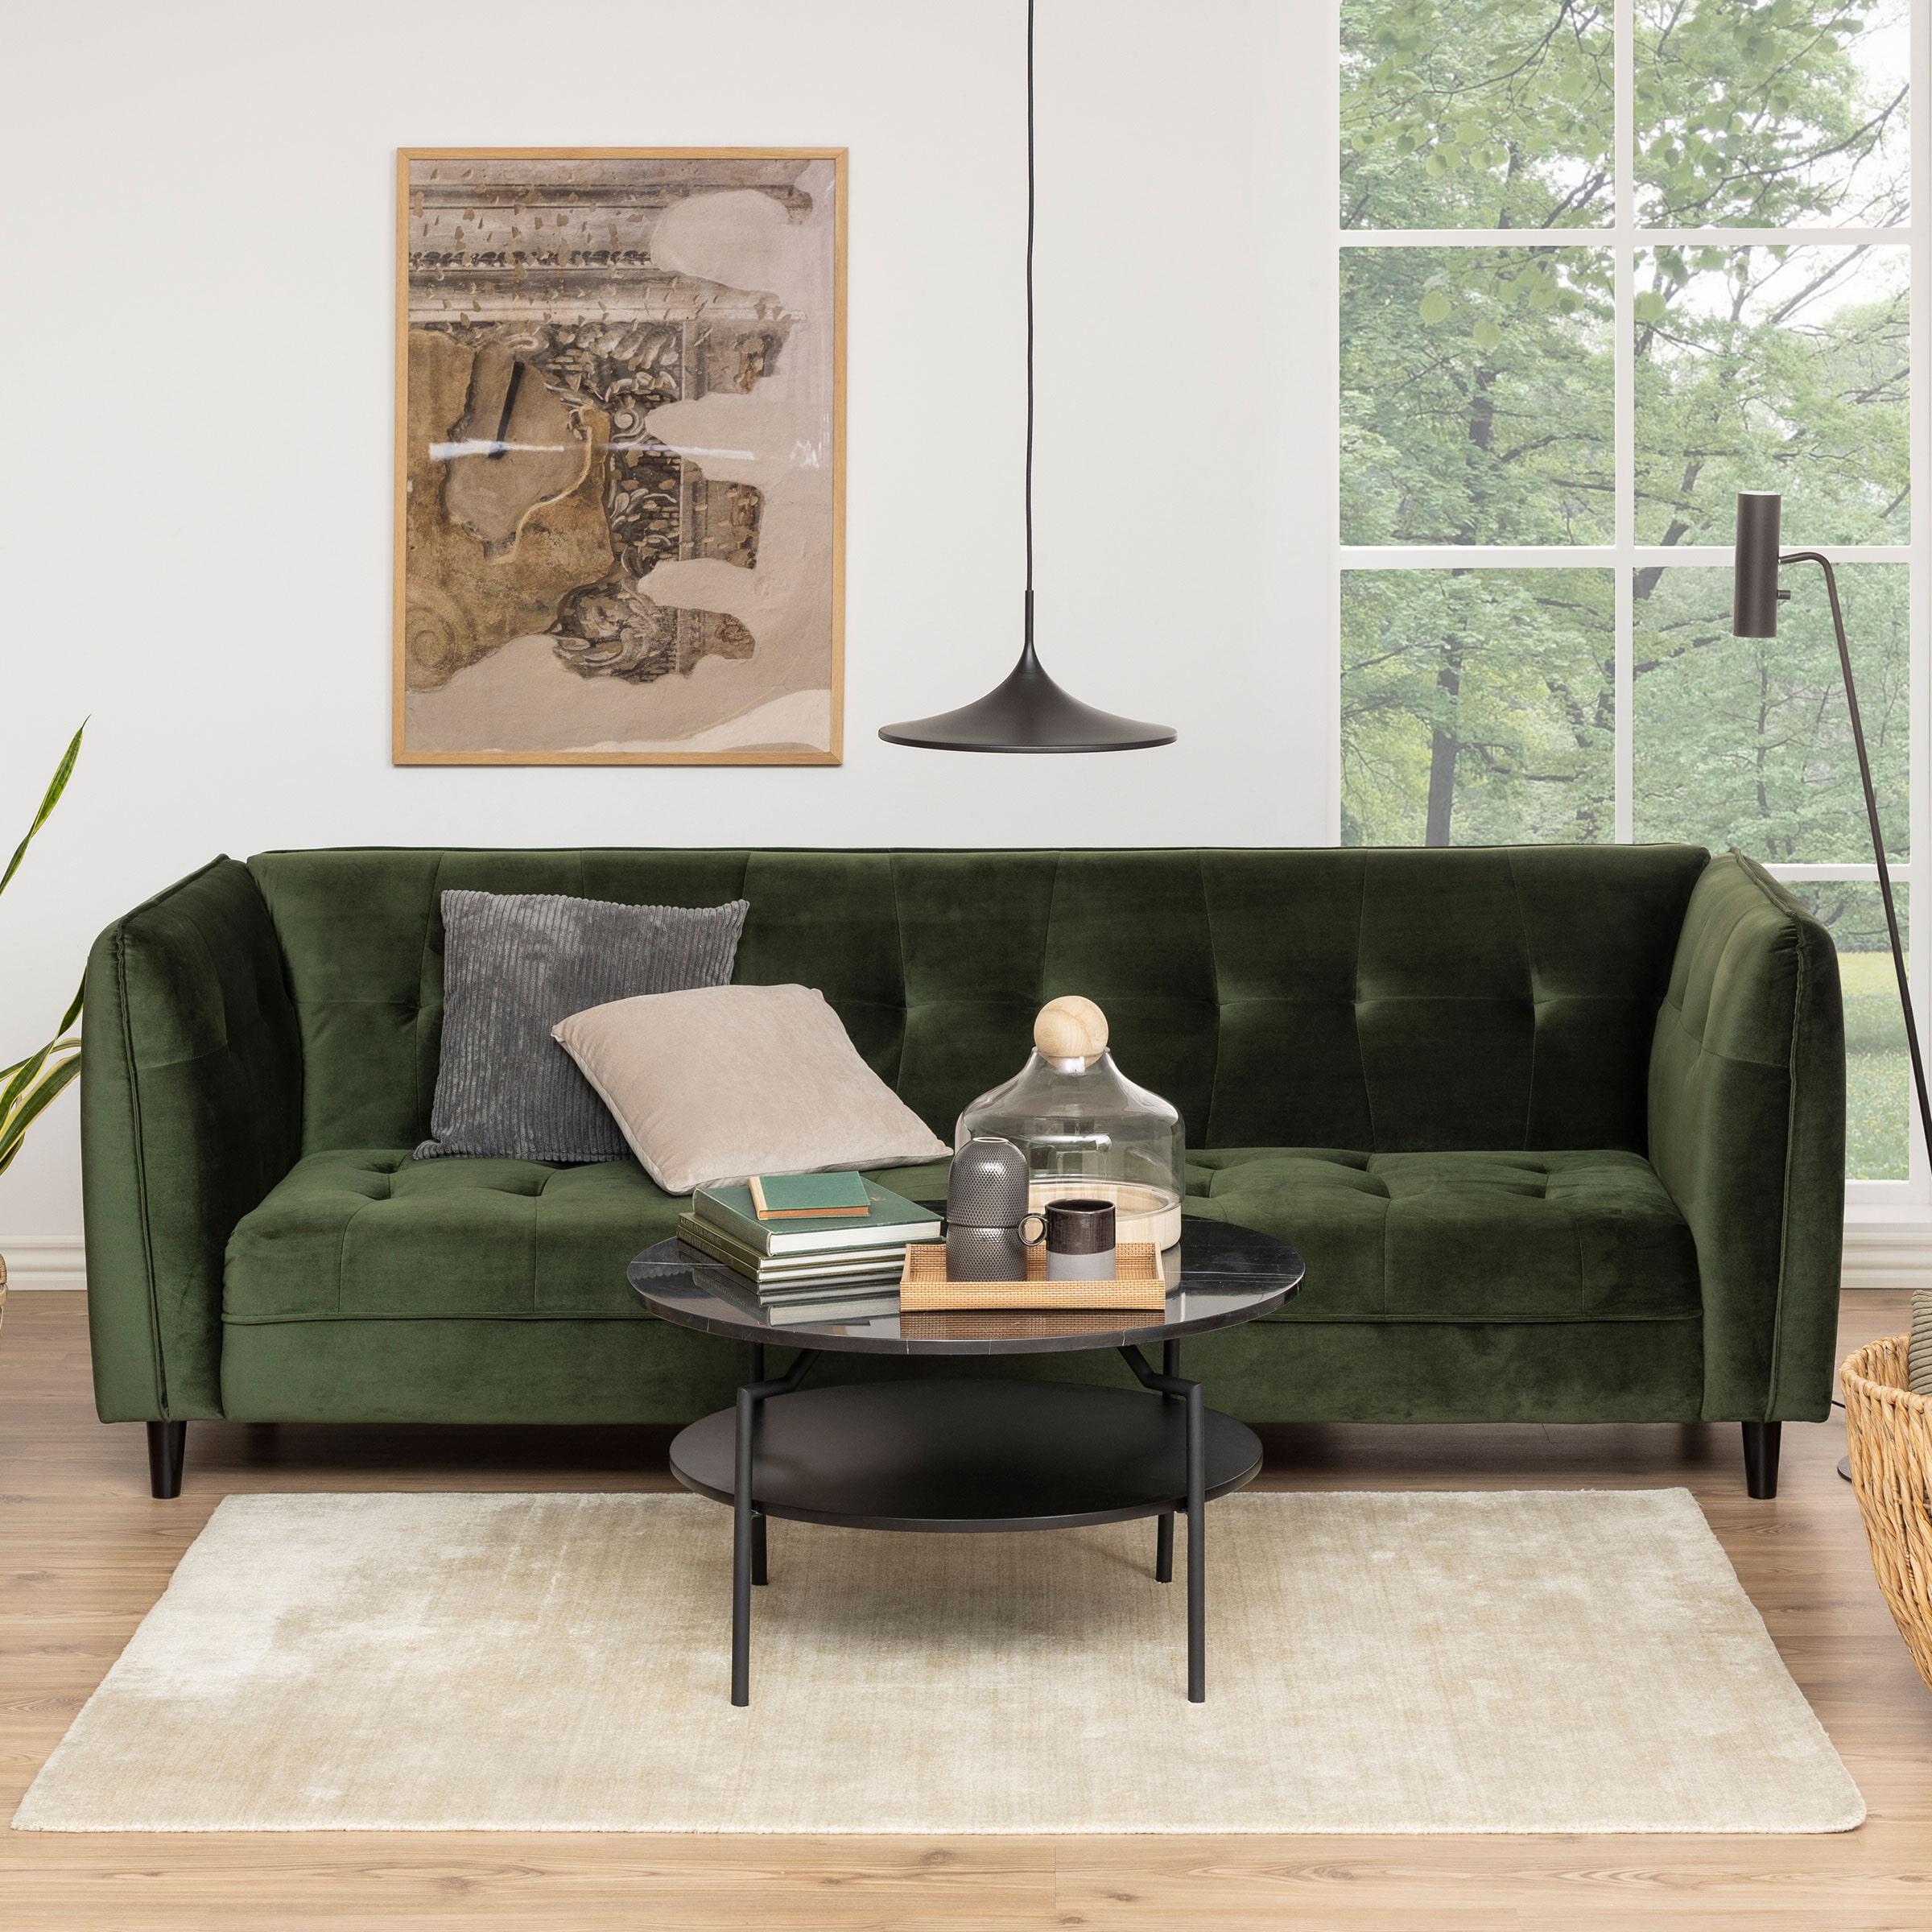 Bendt Slaapbank 'Erika' Velvet, kleur Forest Green